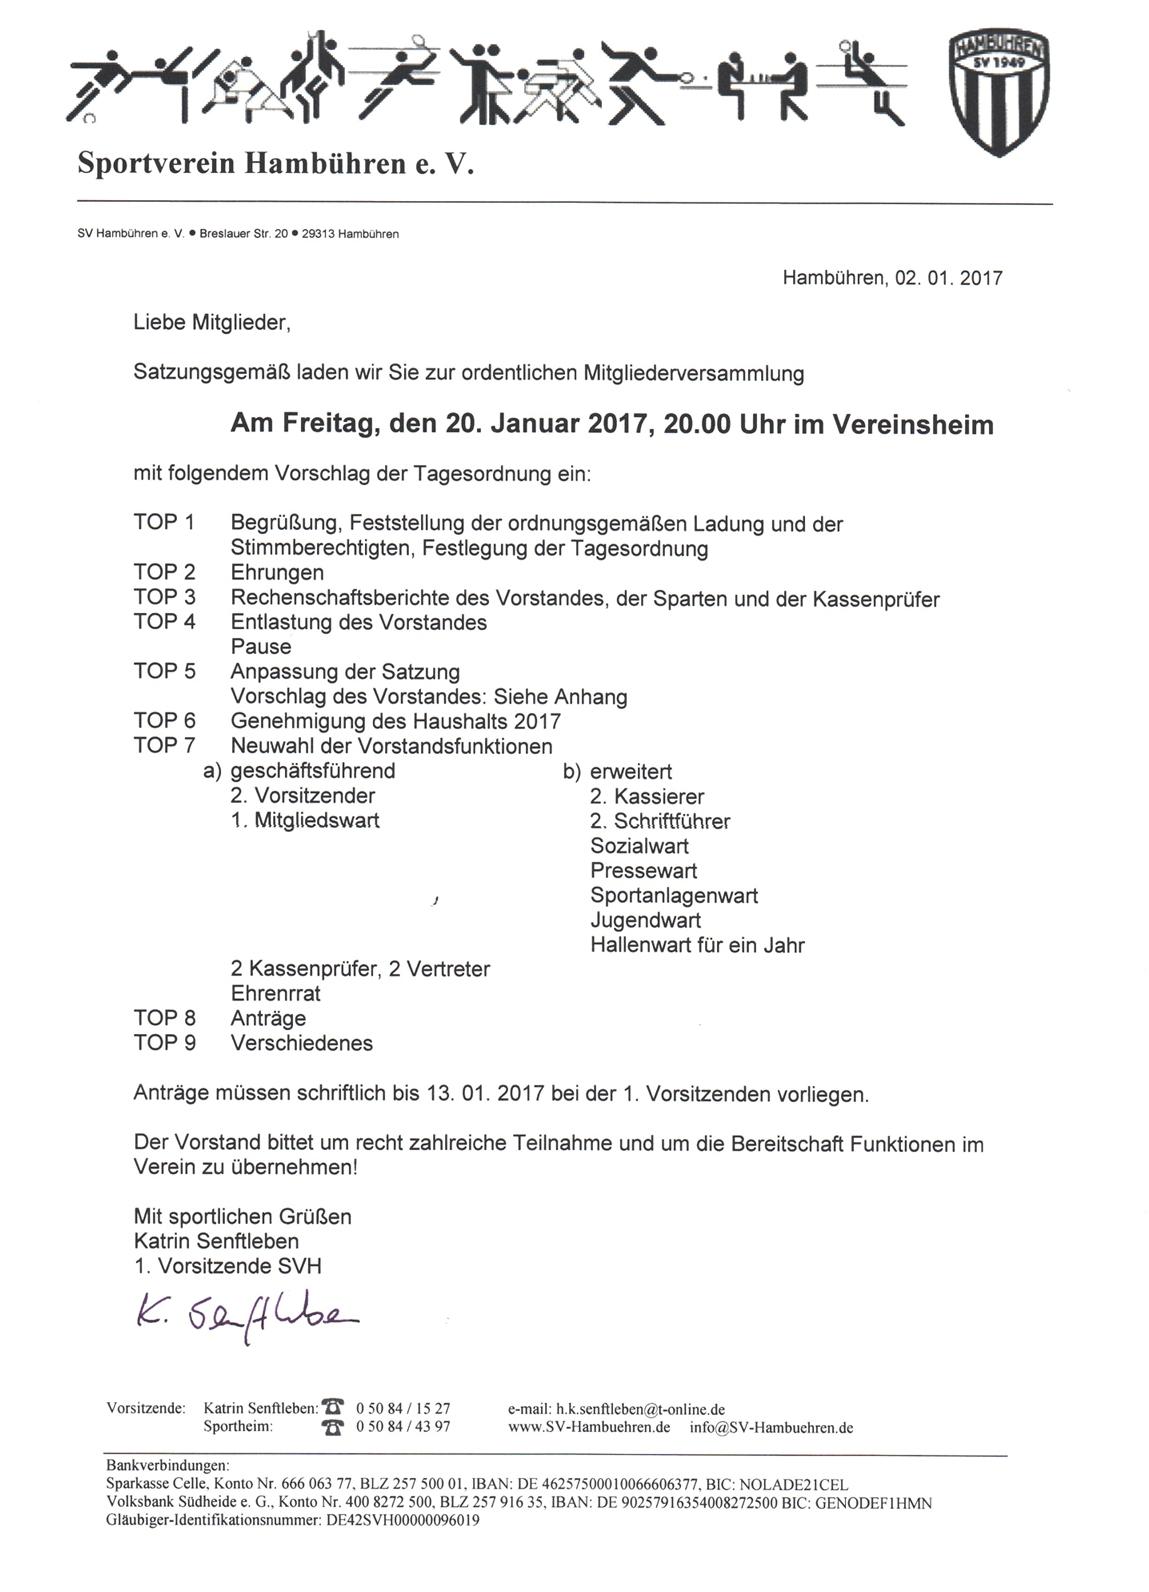 startseite - sportverein hambühren, Einladung